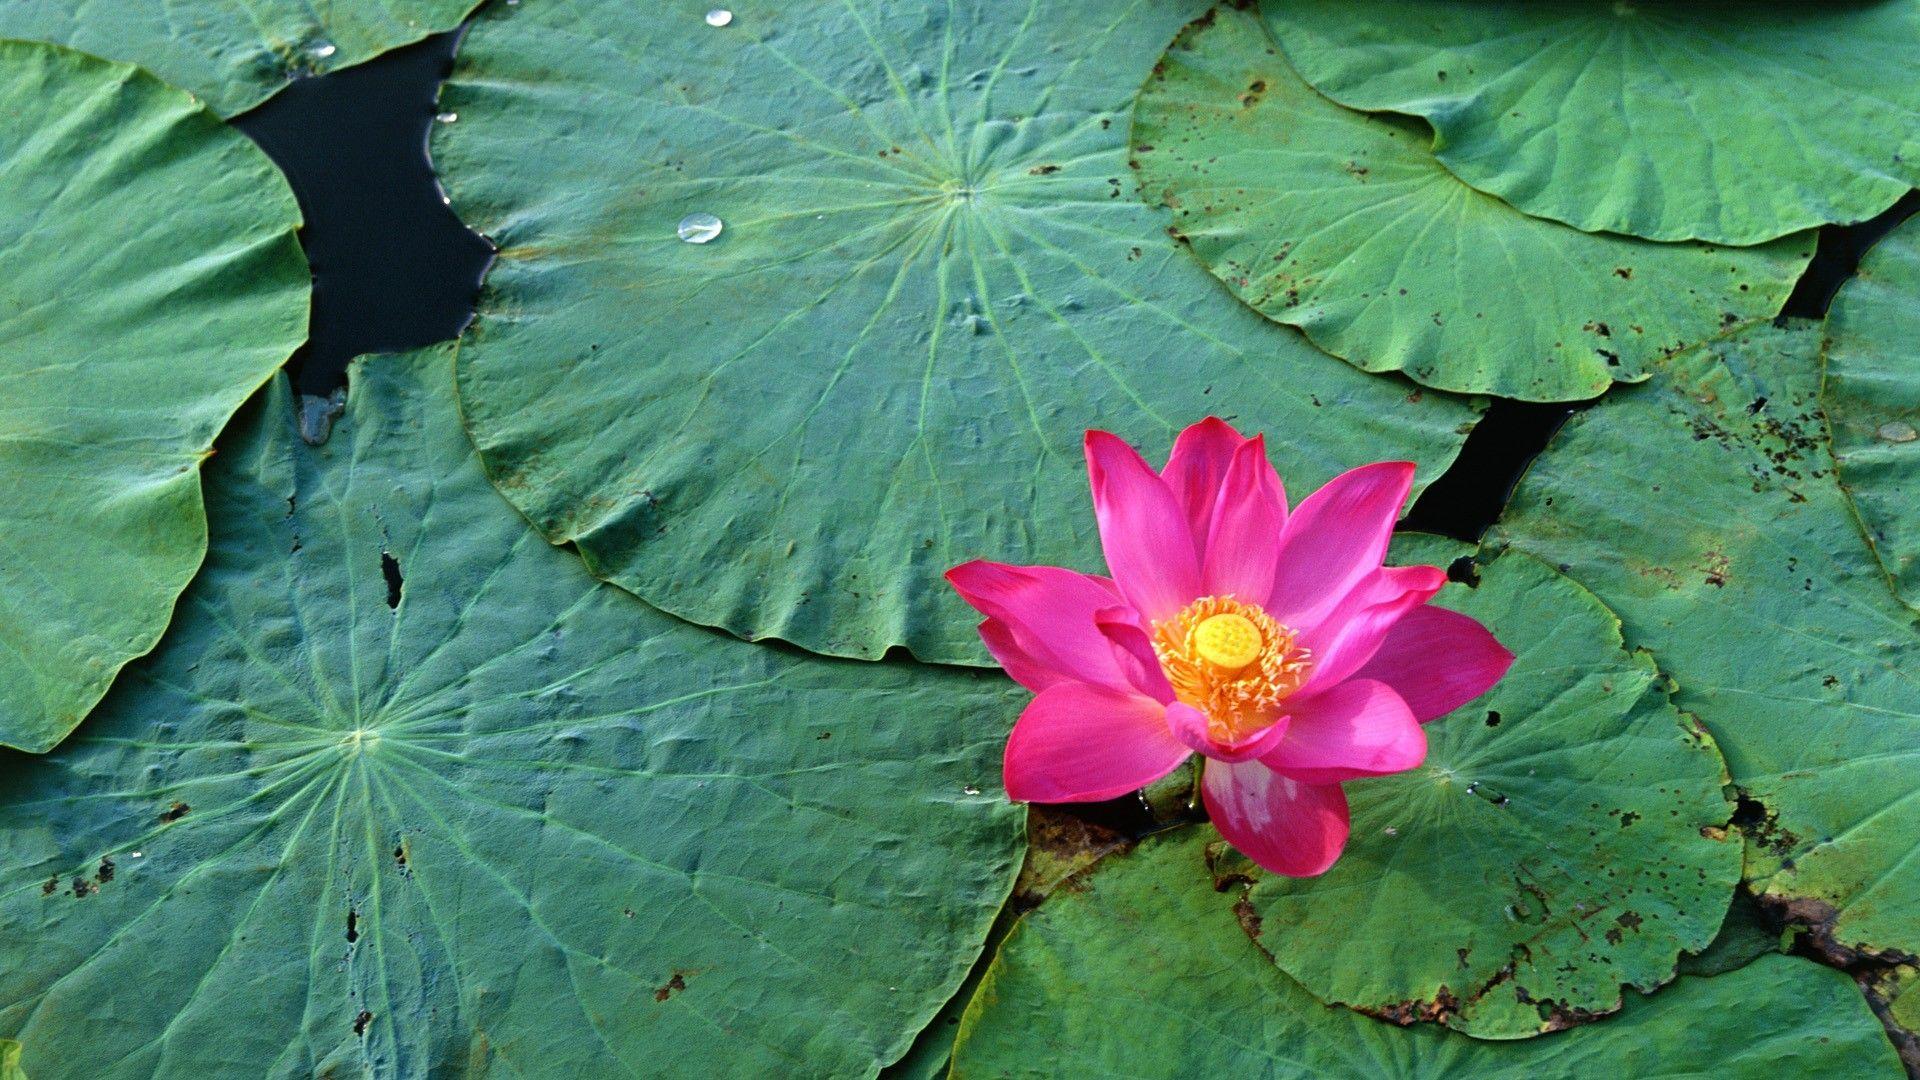 lotus hd wallpaper wallpapersafari lotus pinterest